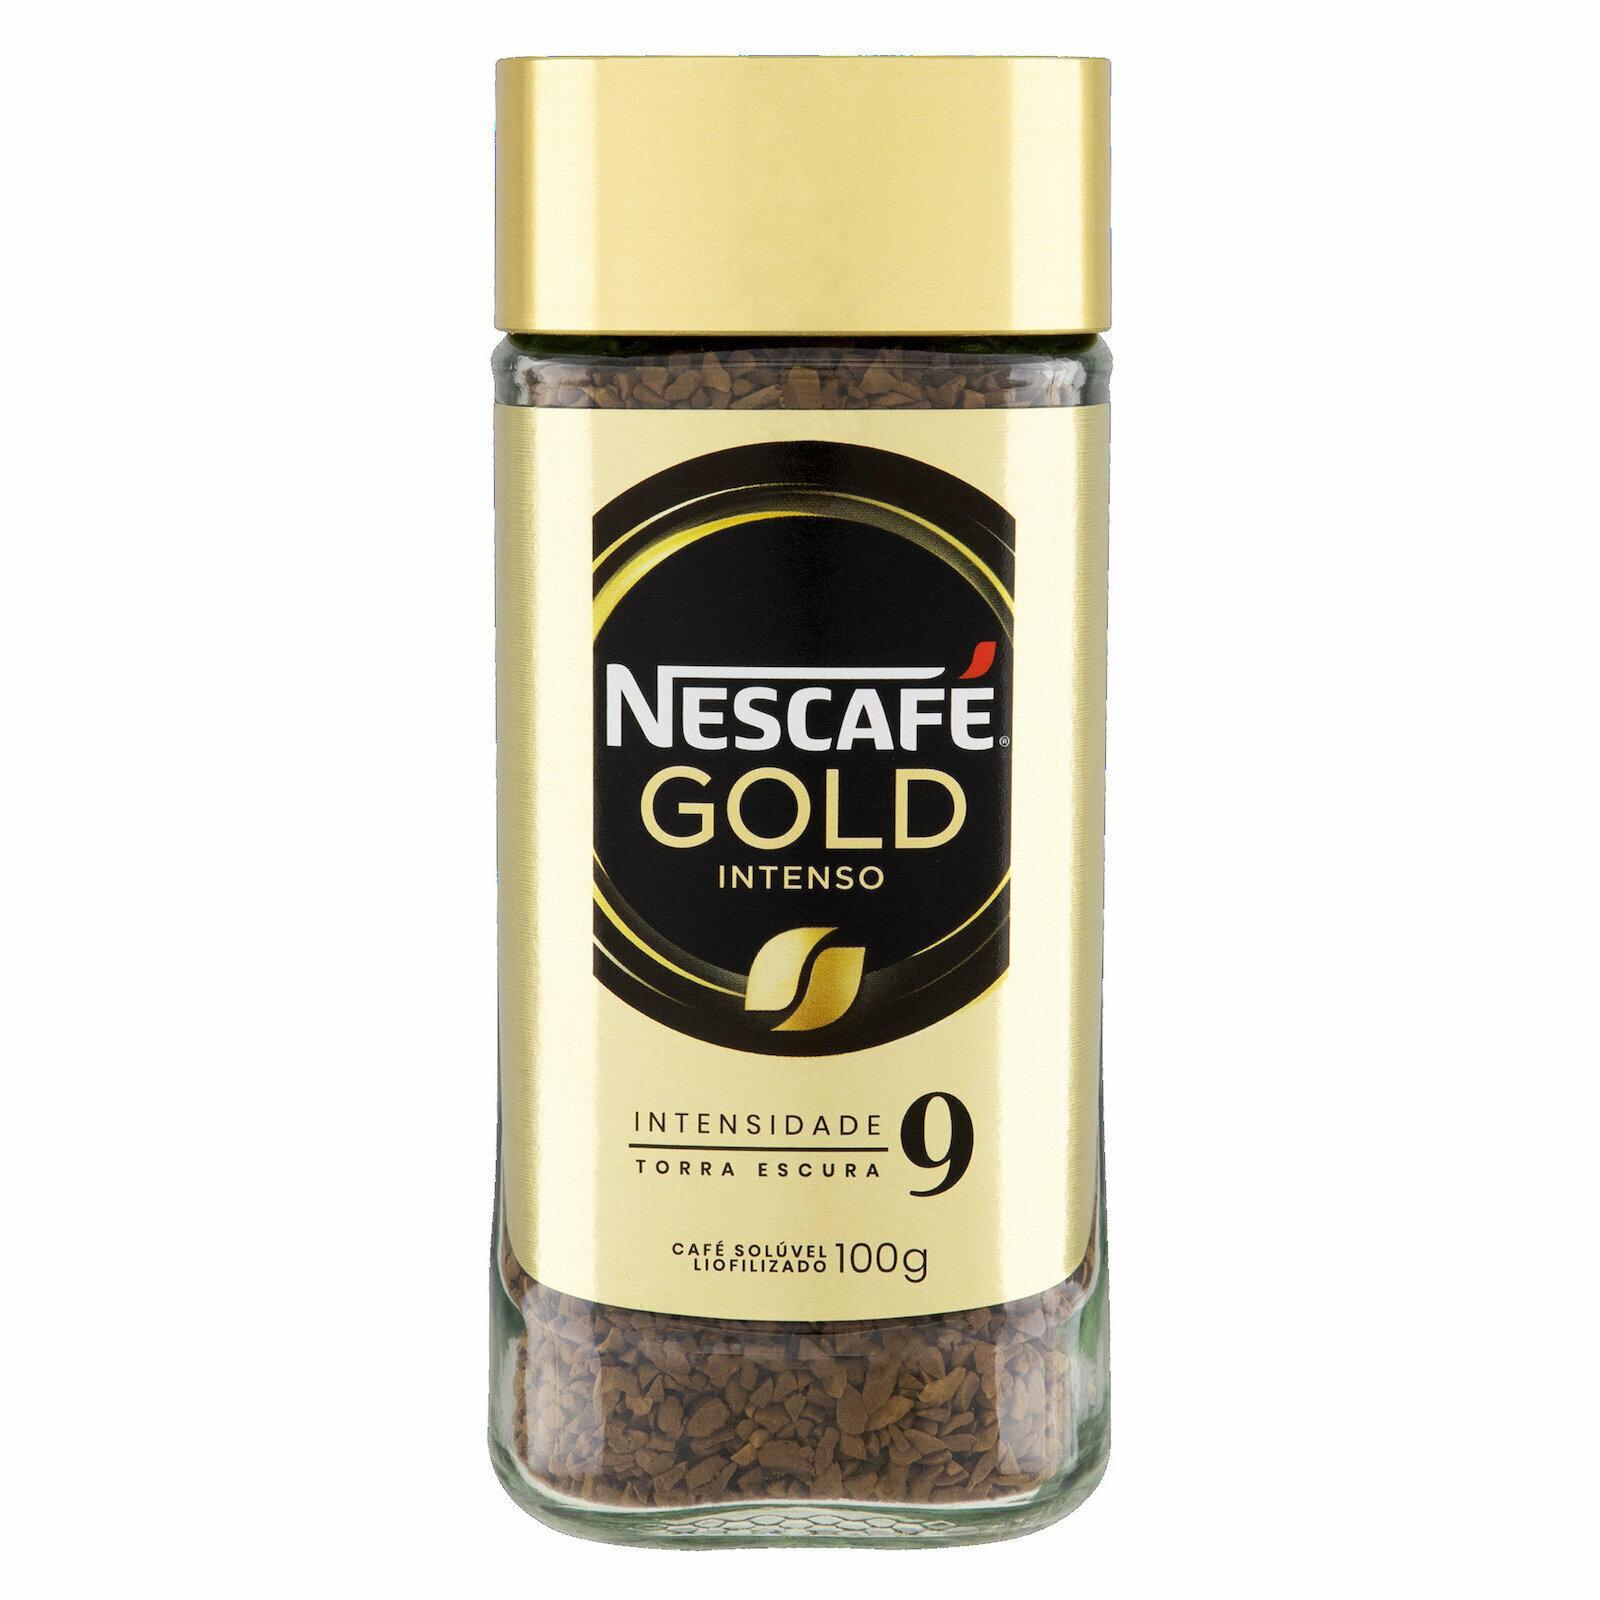 CAFE NESCAFE GOLD INTENSO 9 100G VD